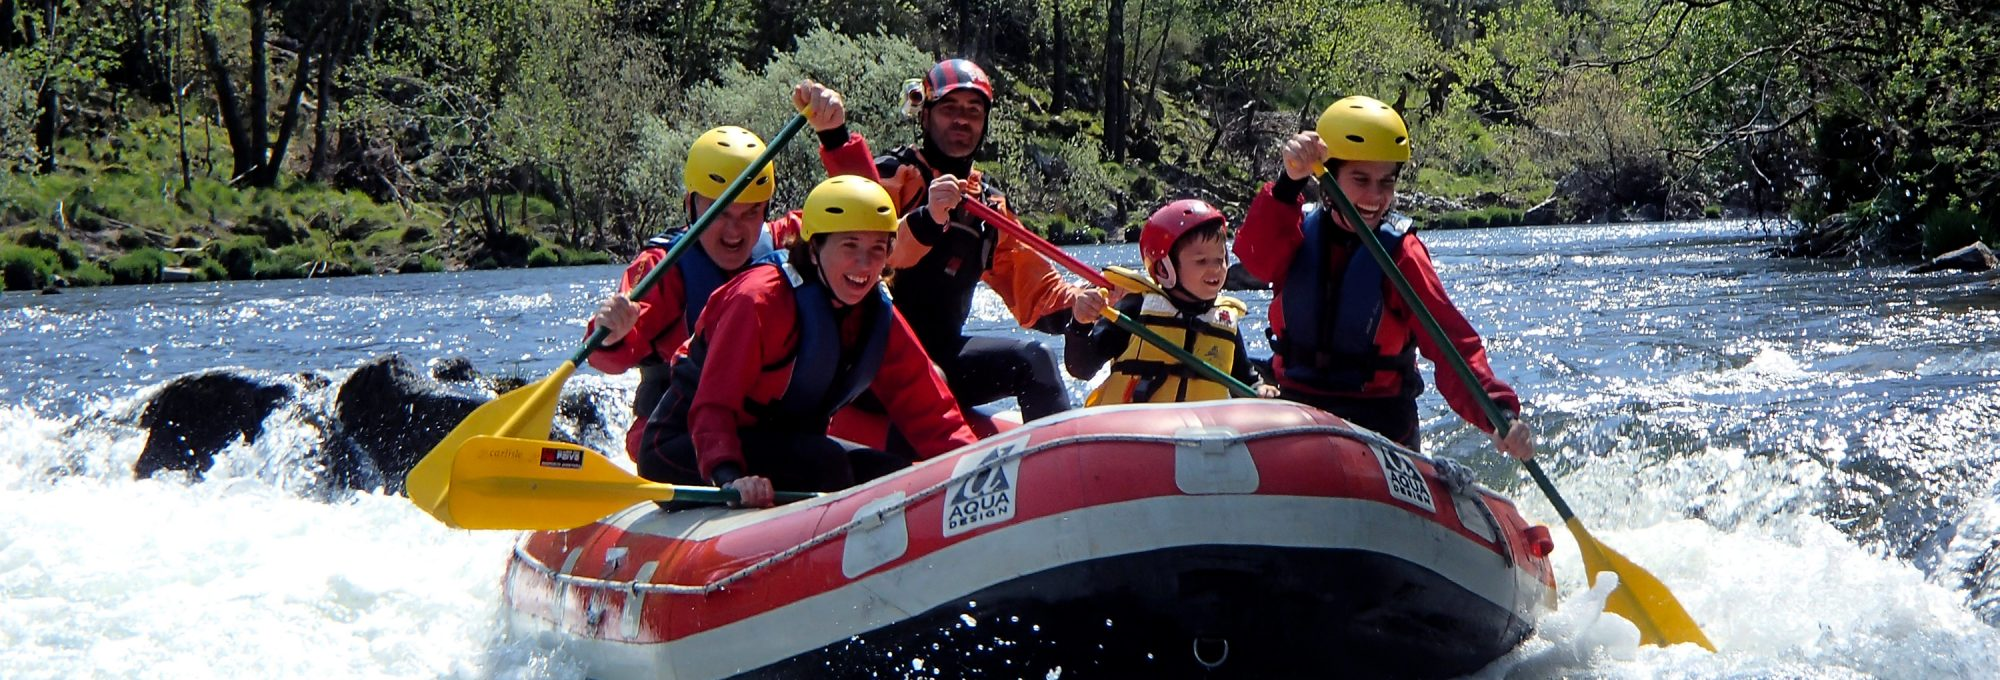 Rafting – Rio Paiva